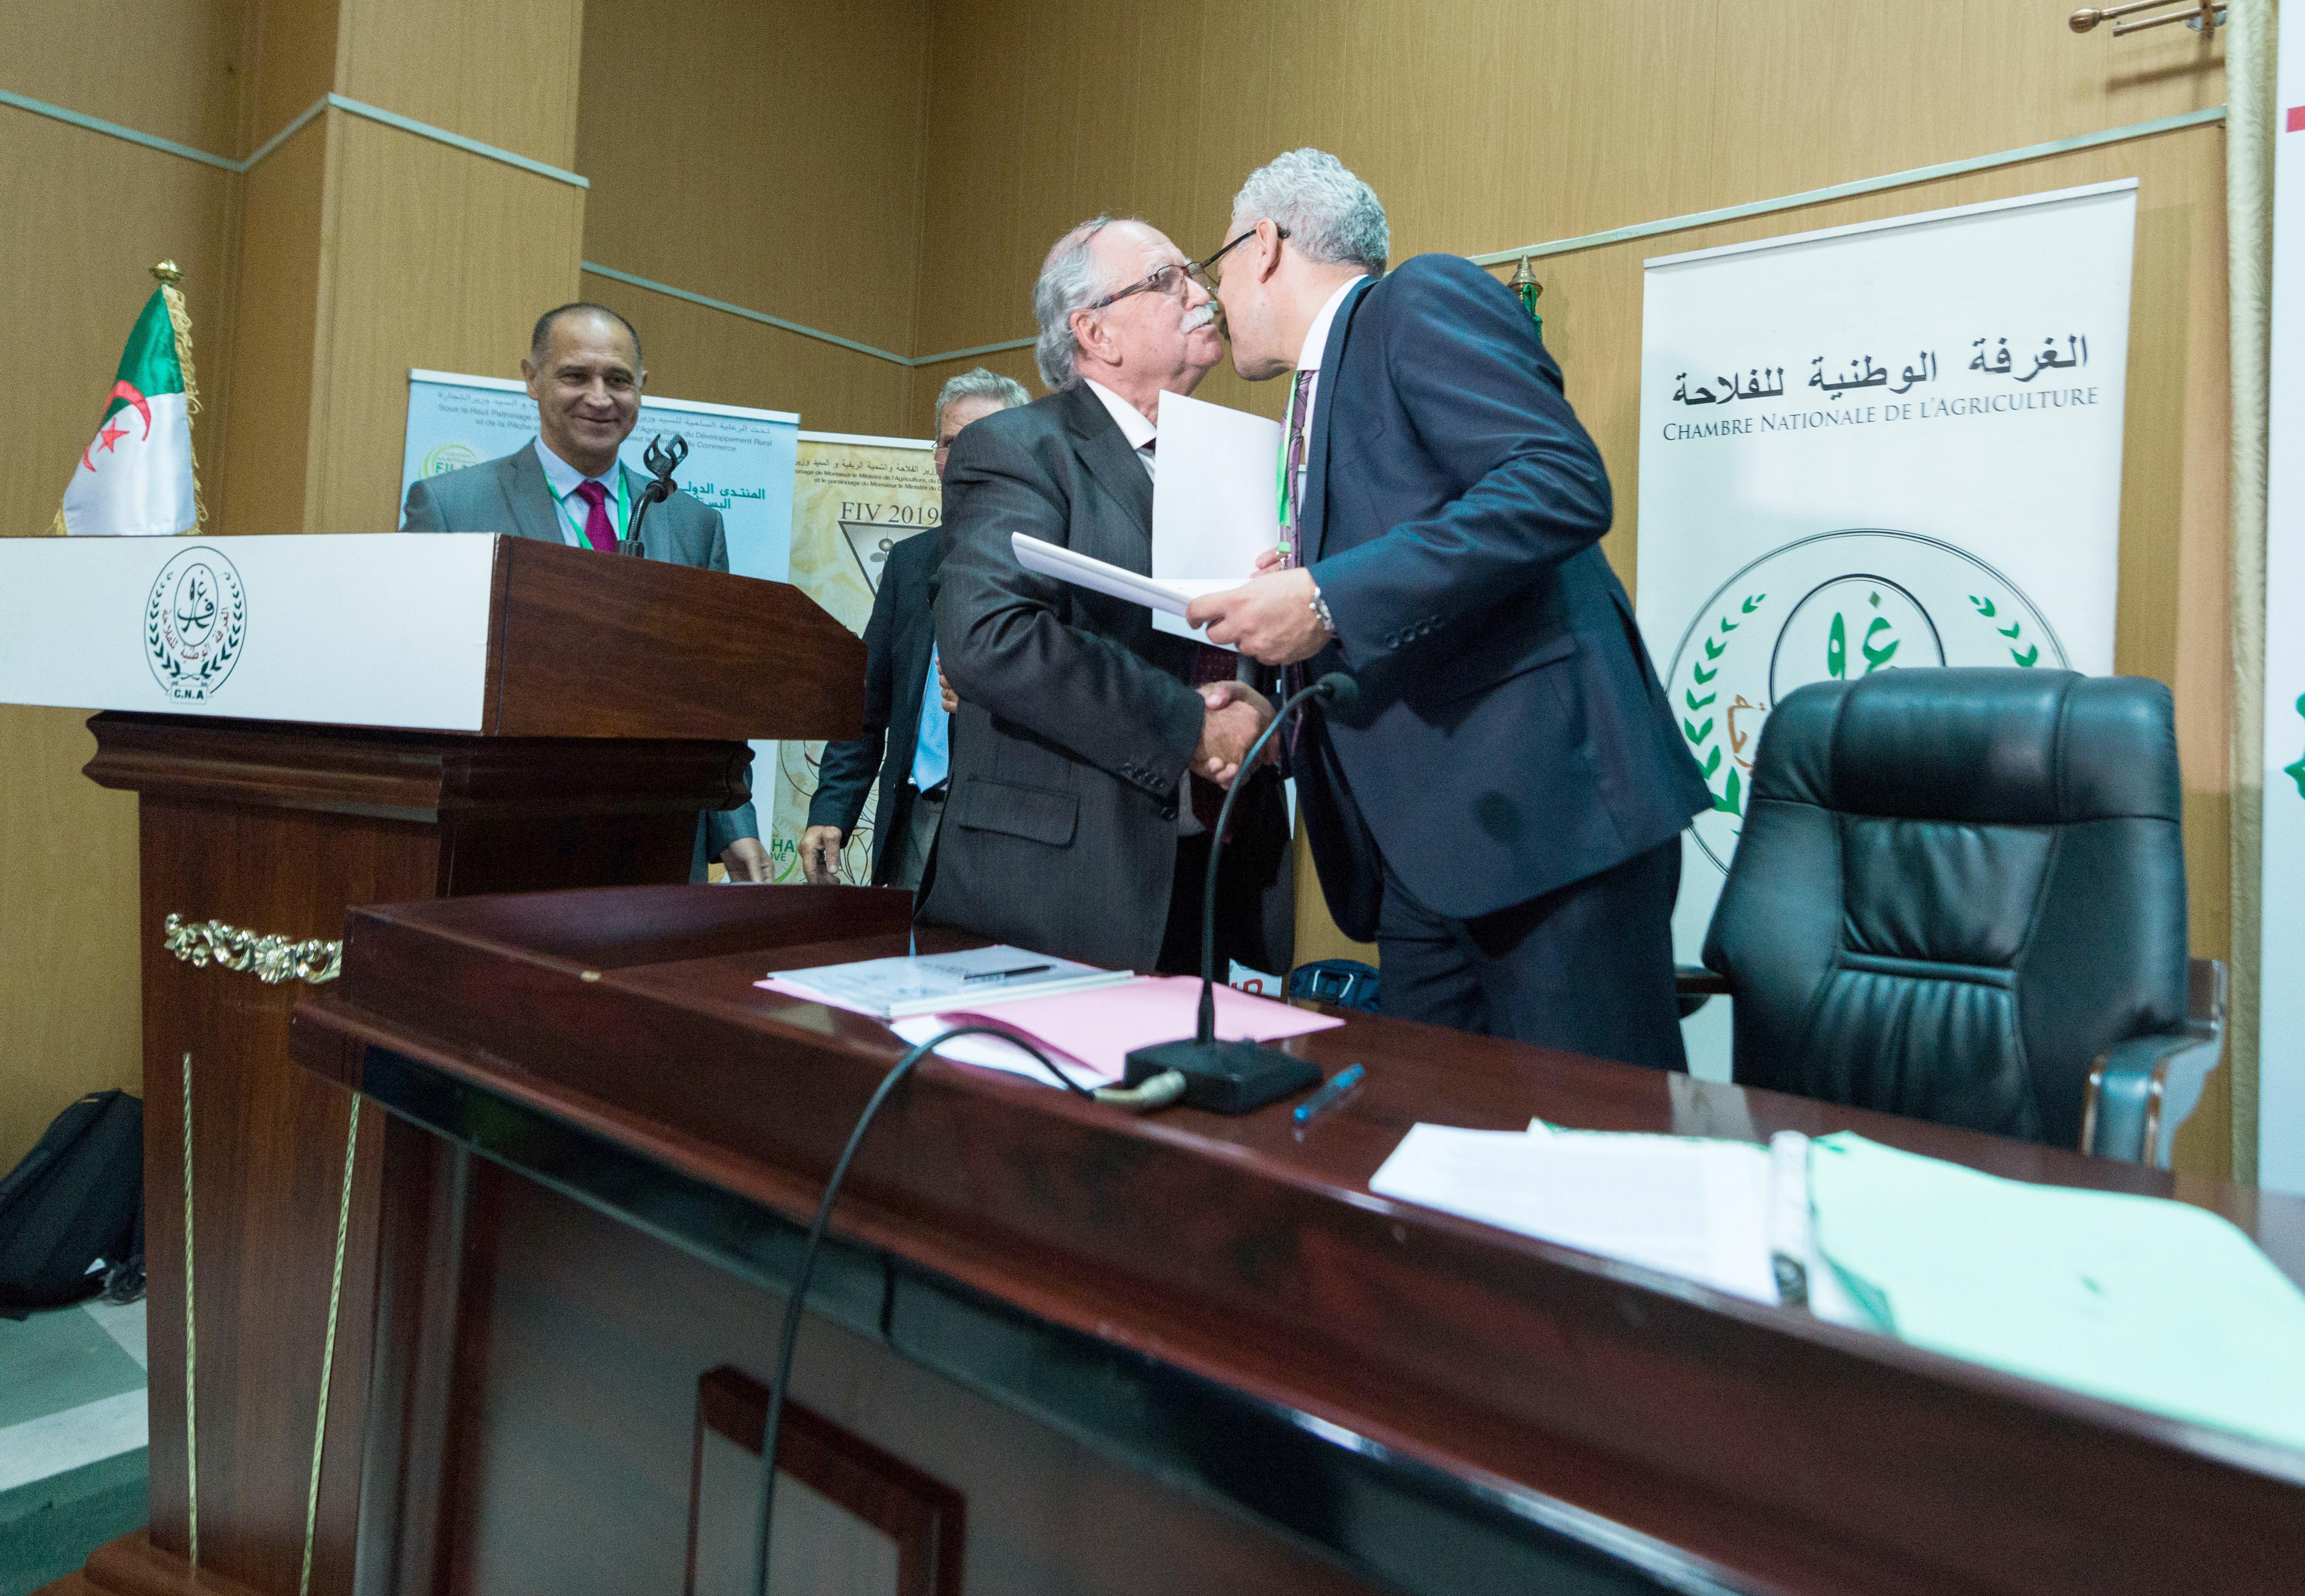 Signature du contrat Itgc- GRFI